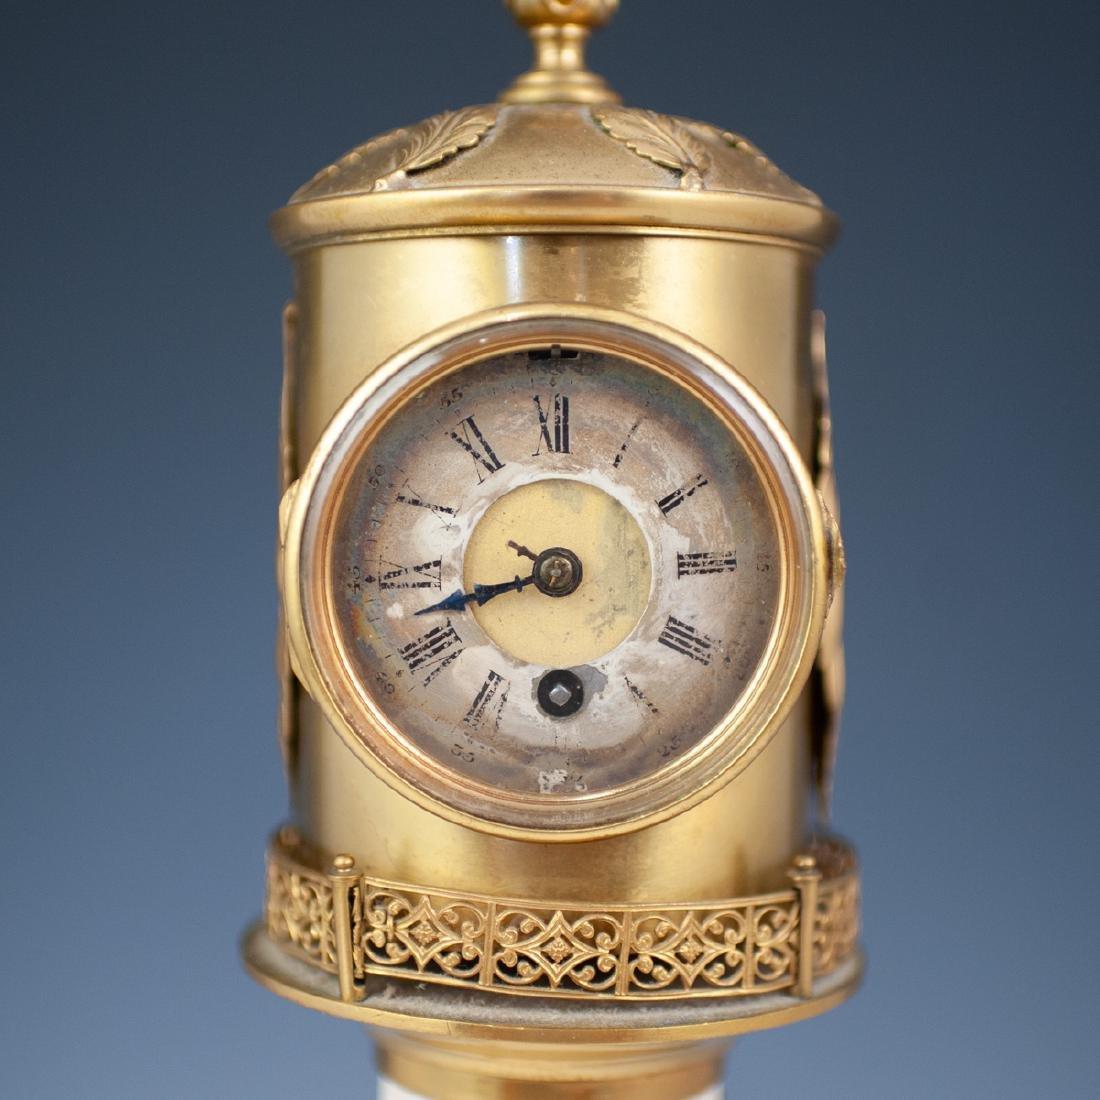 Antique Porcelain Lighthouse Clock/Barometer - 4